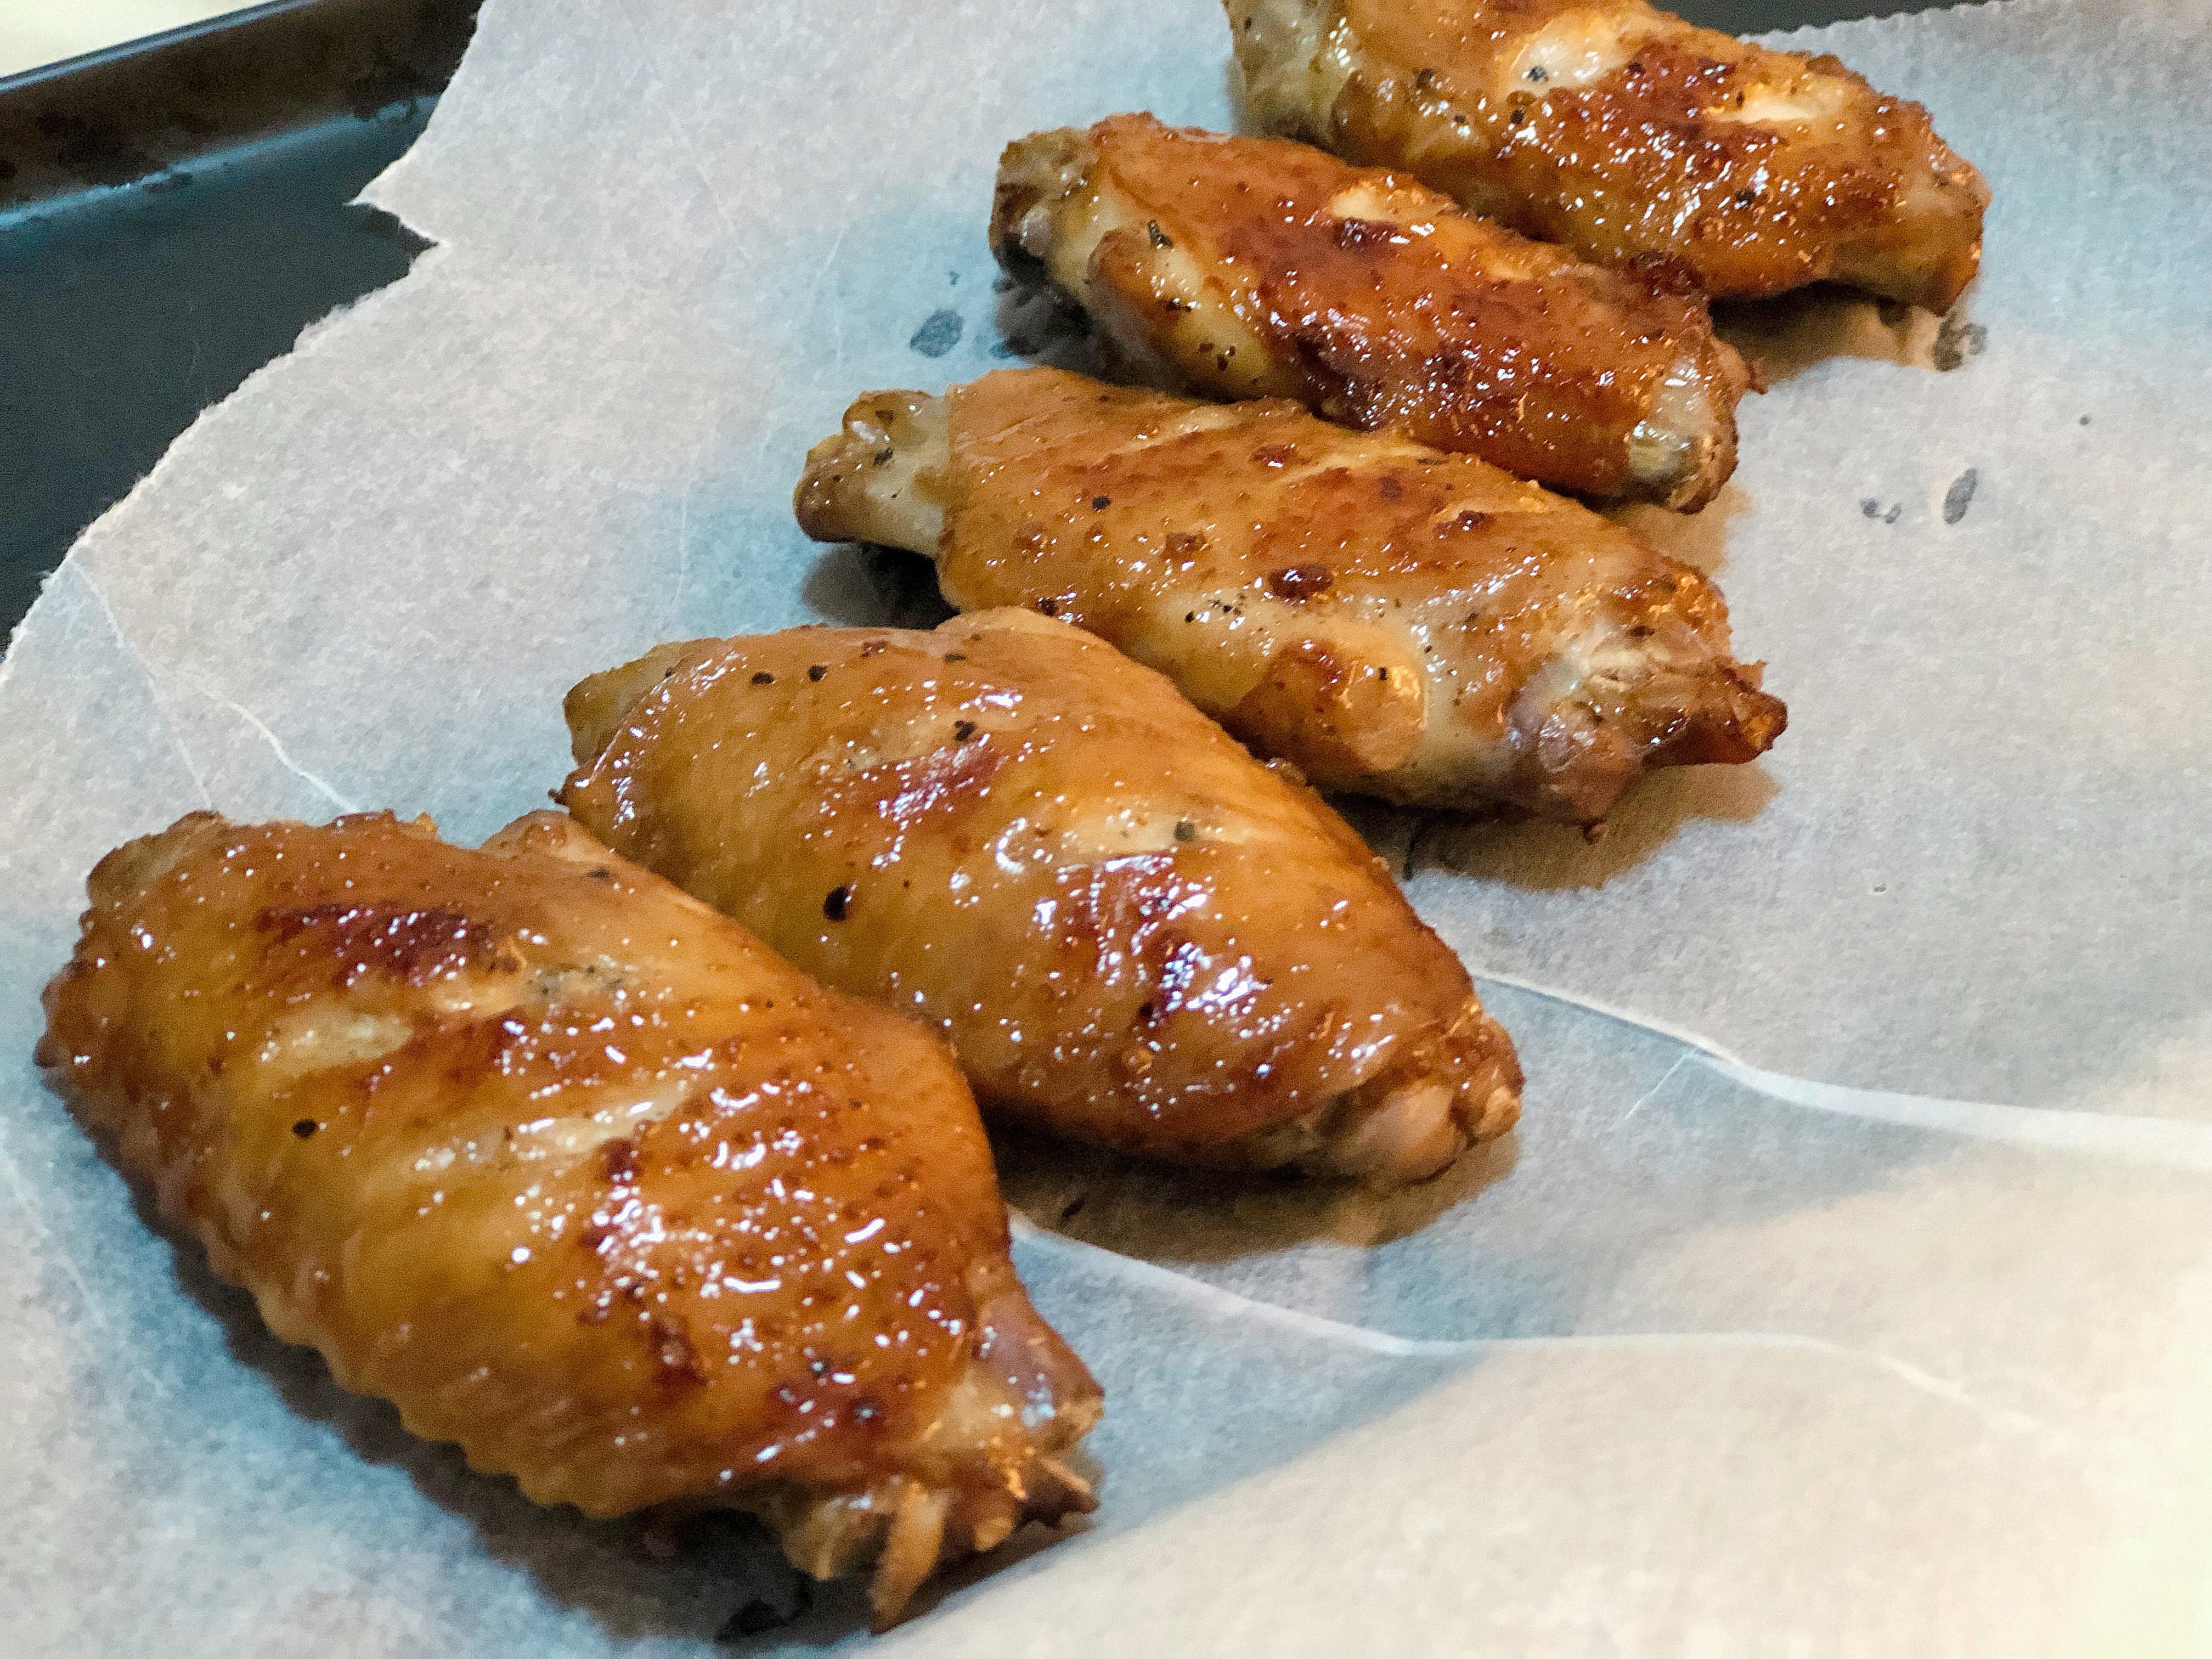 黑胡椒檸檬烤雞翅(新手料理簡單學)